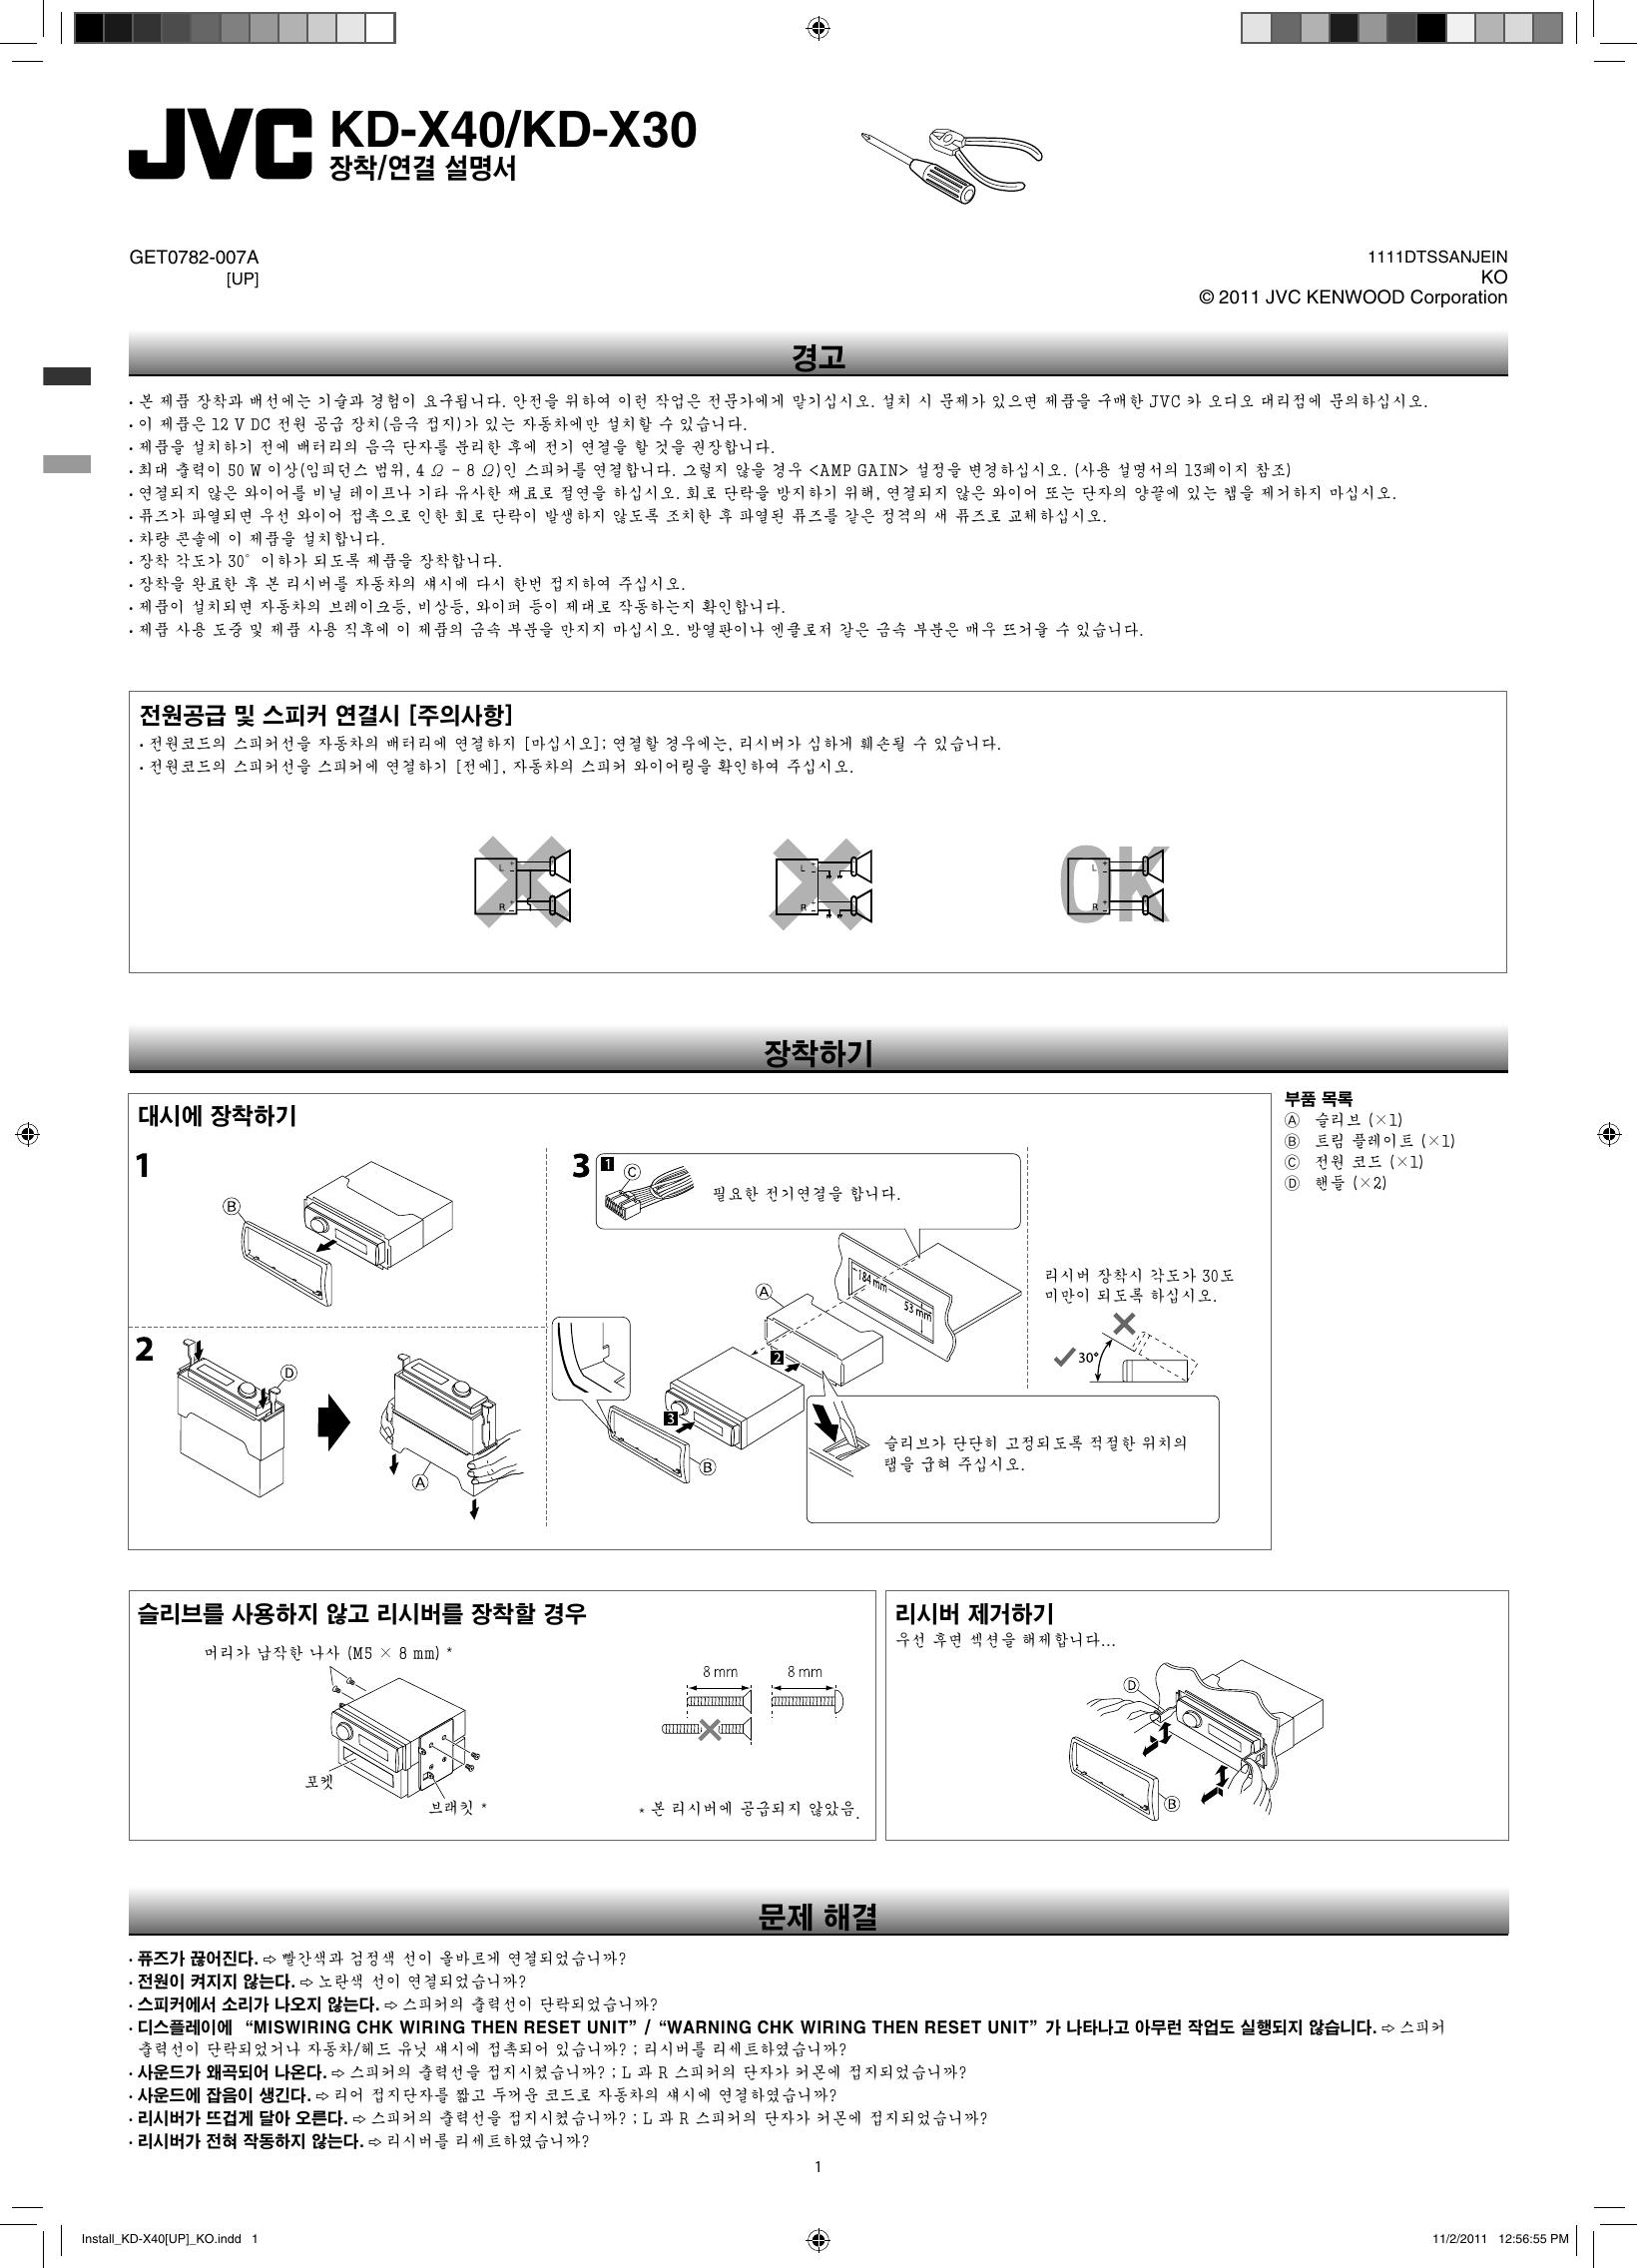 [DIAGRAM_38ZD]  JVC KD X40UP X40/KD X30 User Manual INSTALLATION GET0782 007A | Jvc Kd X40 Wiring Diagram |  | UserManual.wiki